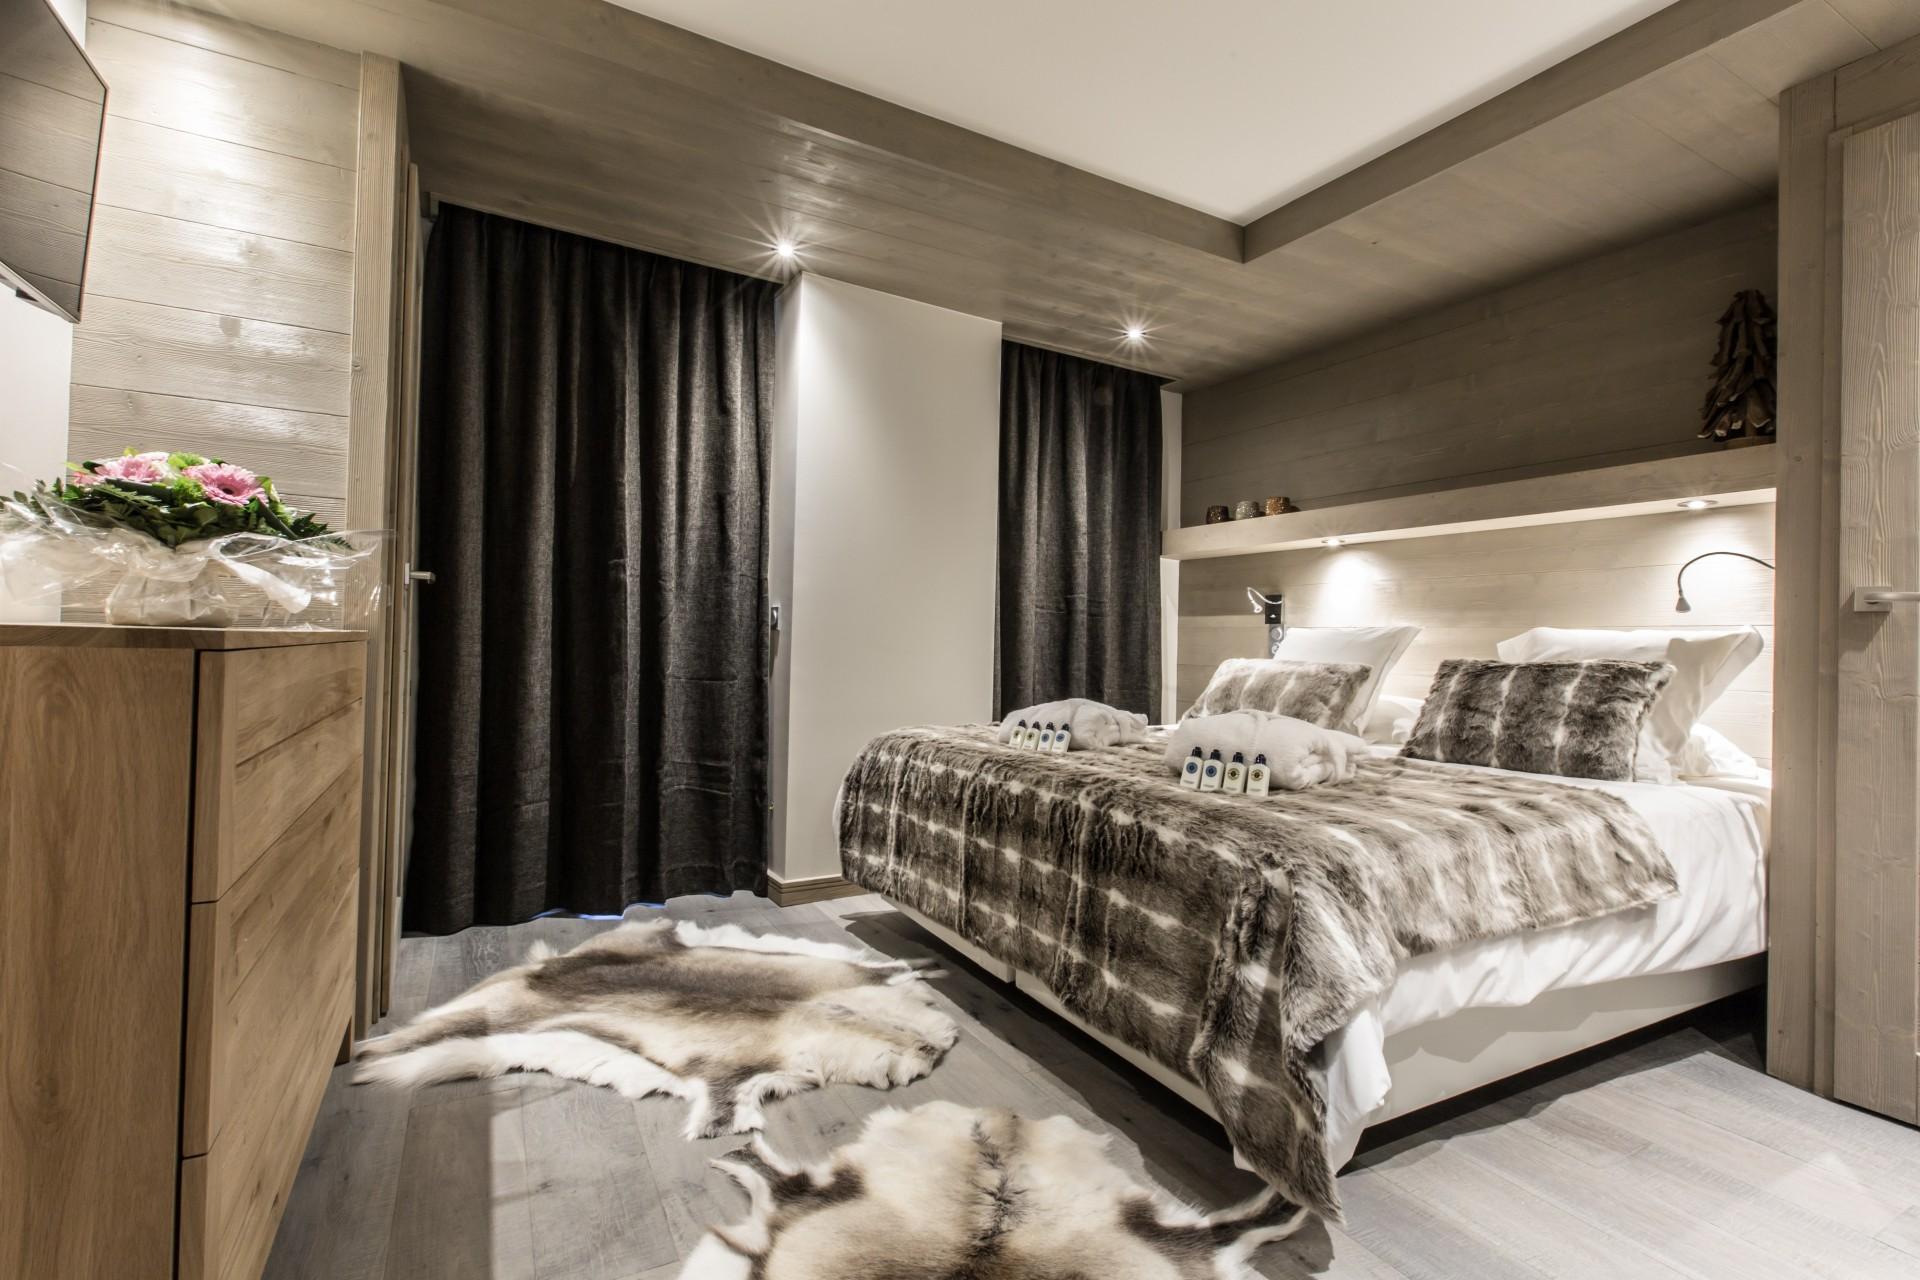 Courchevel 1650 Location Appartement Luxe Altara Chambre 2